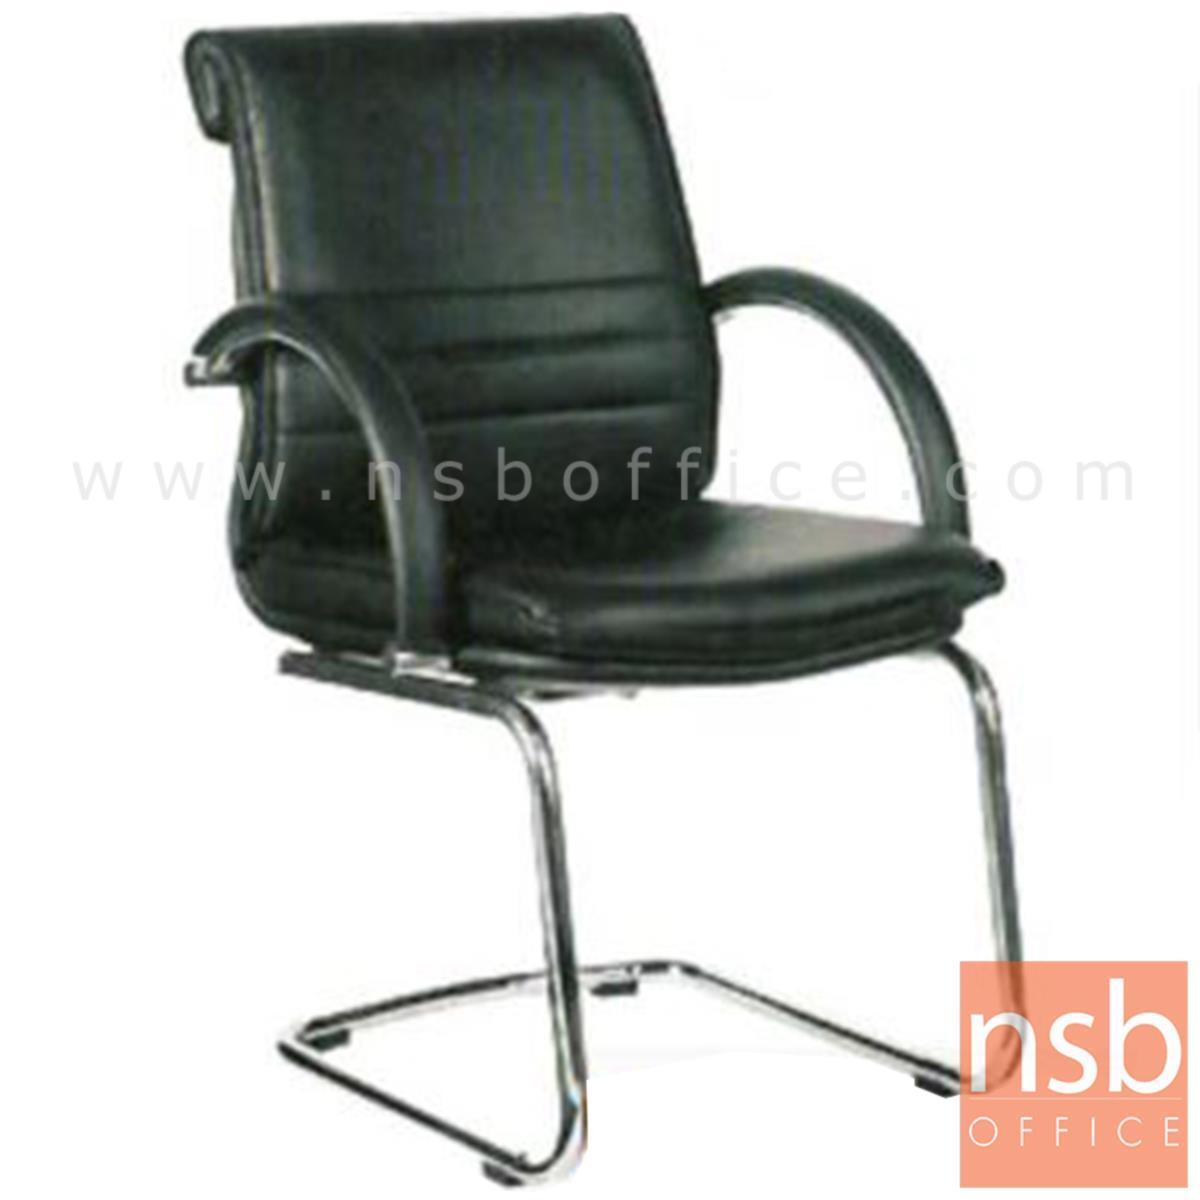 B04A105:เก้าอี้รับแขกขาตัวซี รุ่น Trene (ทรีน)  ขาเหล็กชุบโครเมี่ยม